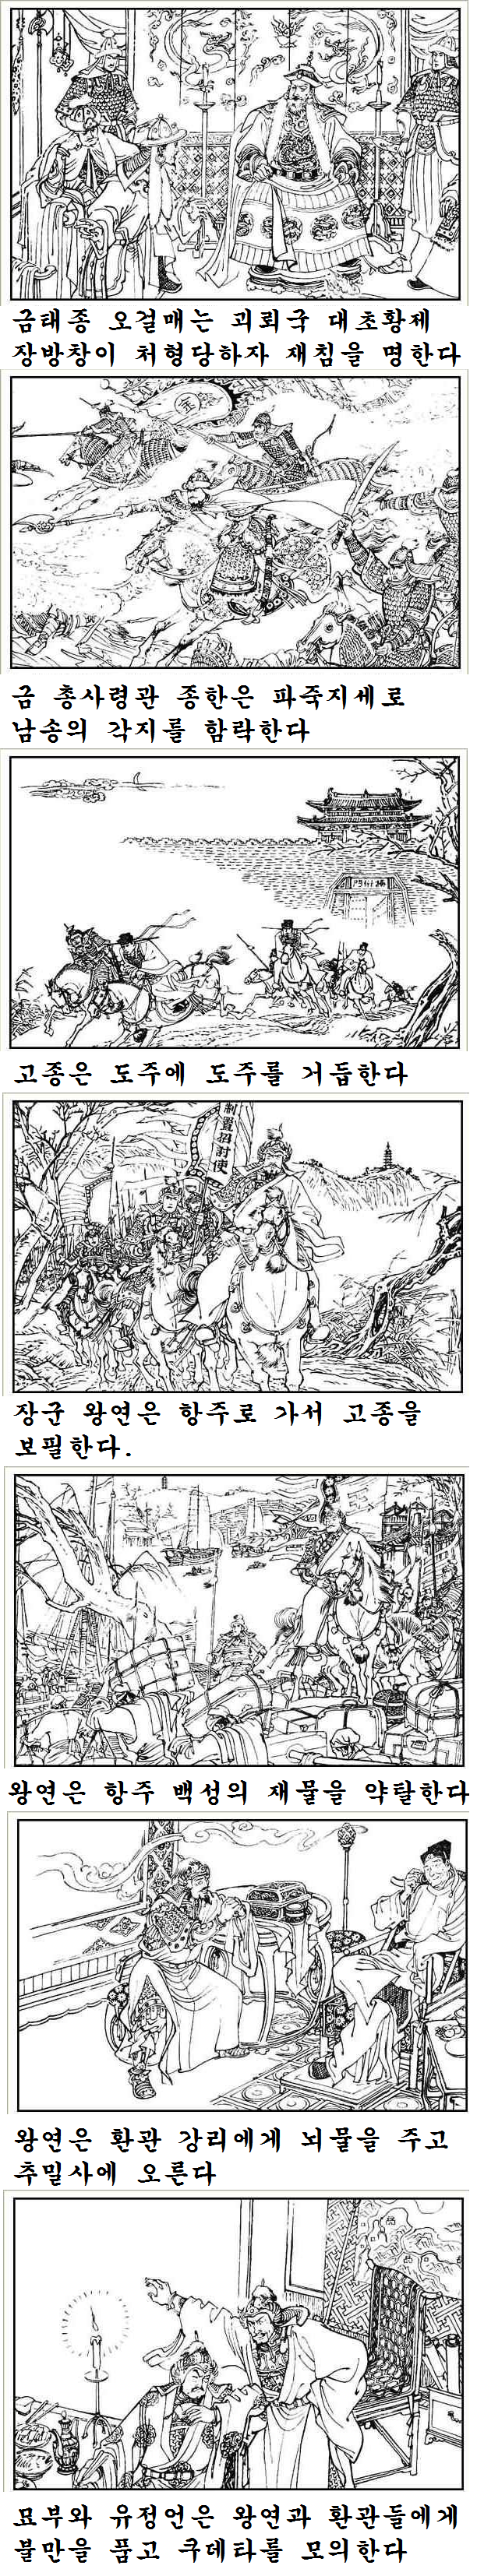 송사 반신열전(6)묘부/유정언-1부 꿈틀대는 쿠데타..